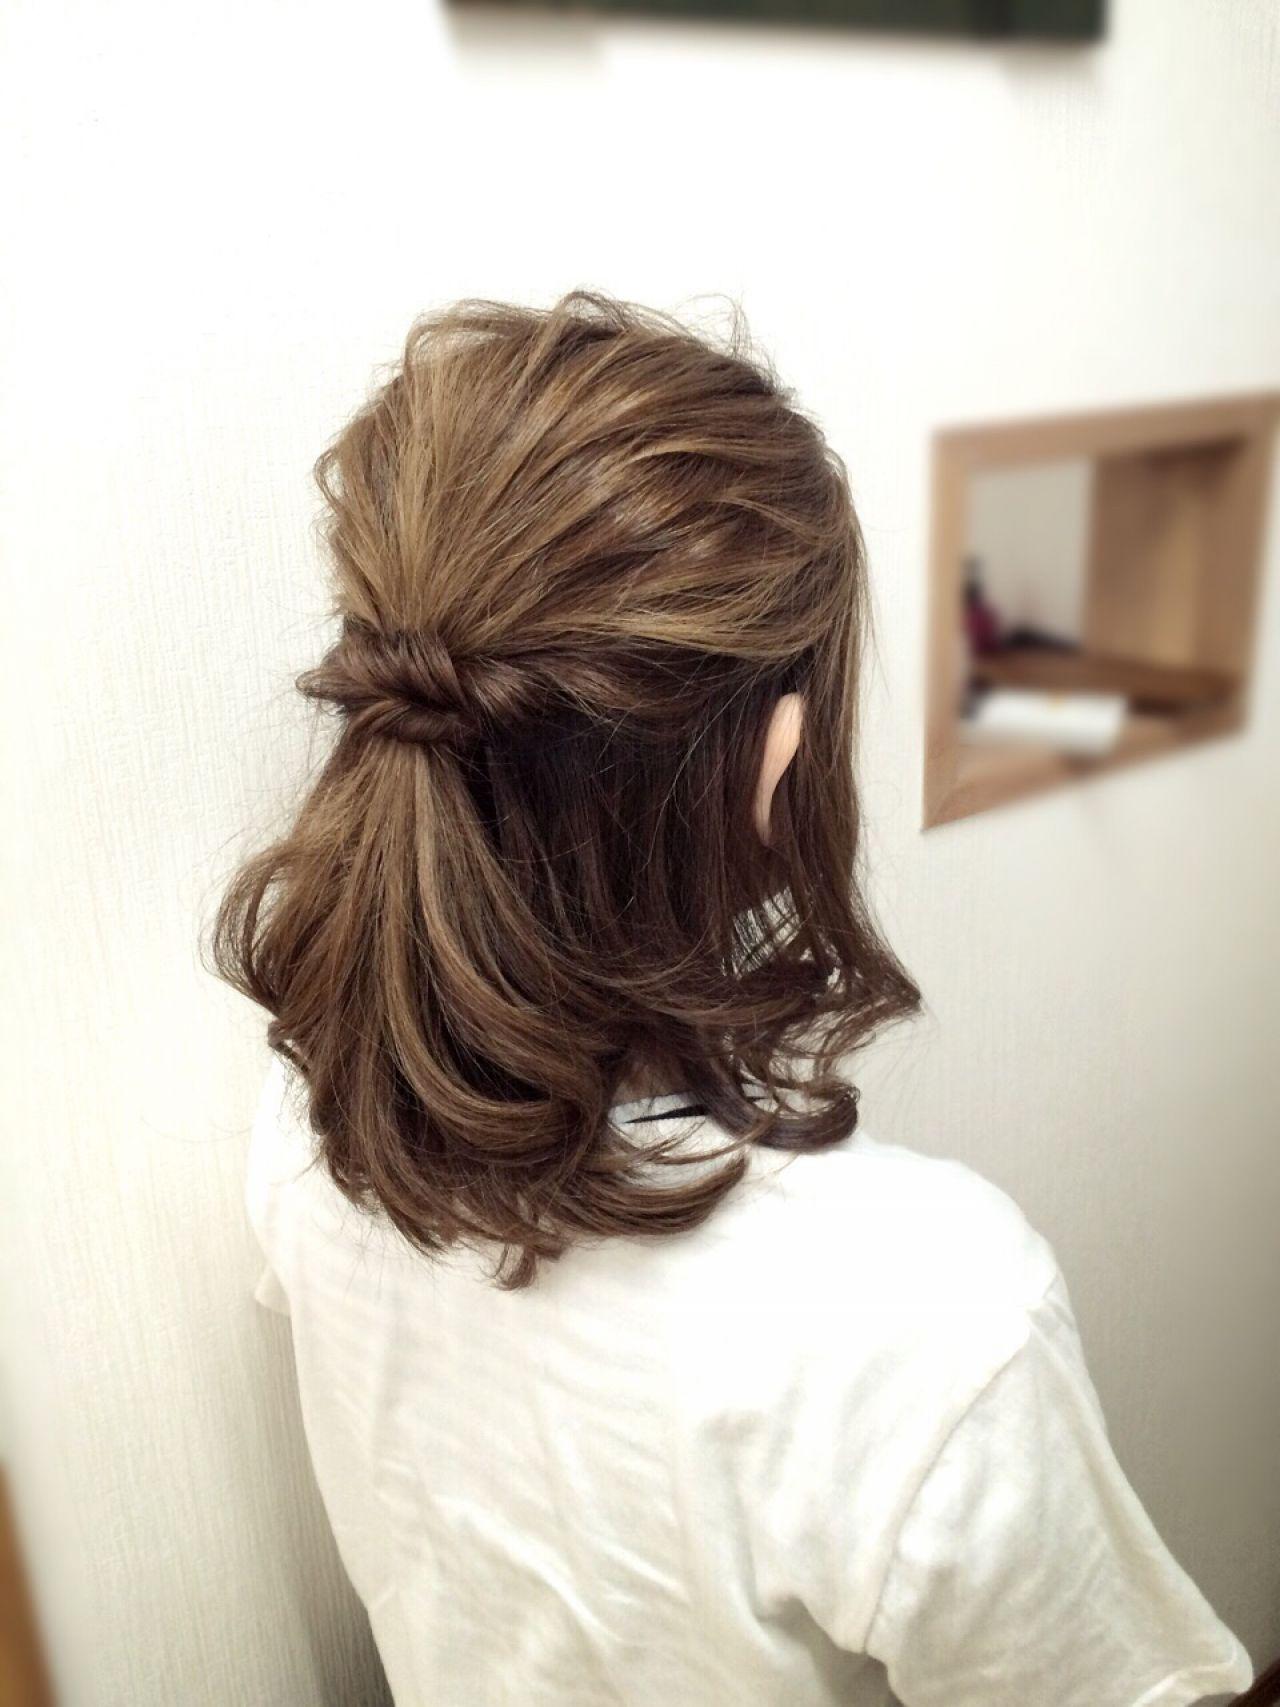 ナチュラル アップスタイル ヘアアレンジ ハーフアップ ヘアスタイルや髪型の写真・画像 | 花原 直樹 / bench-hair(ベンチヘアー)